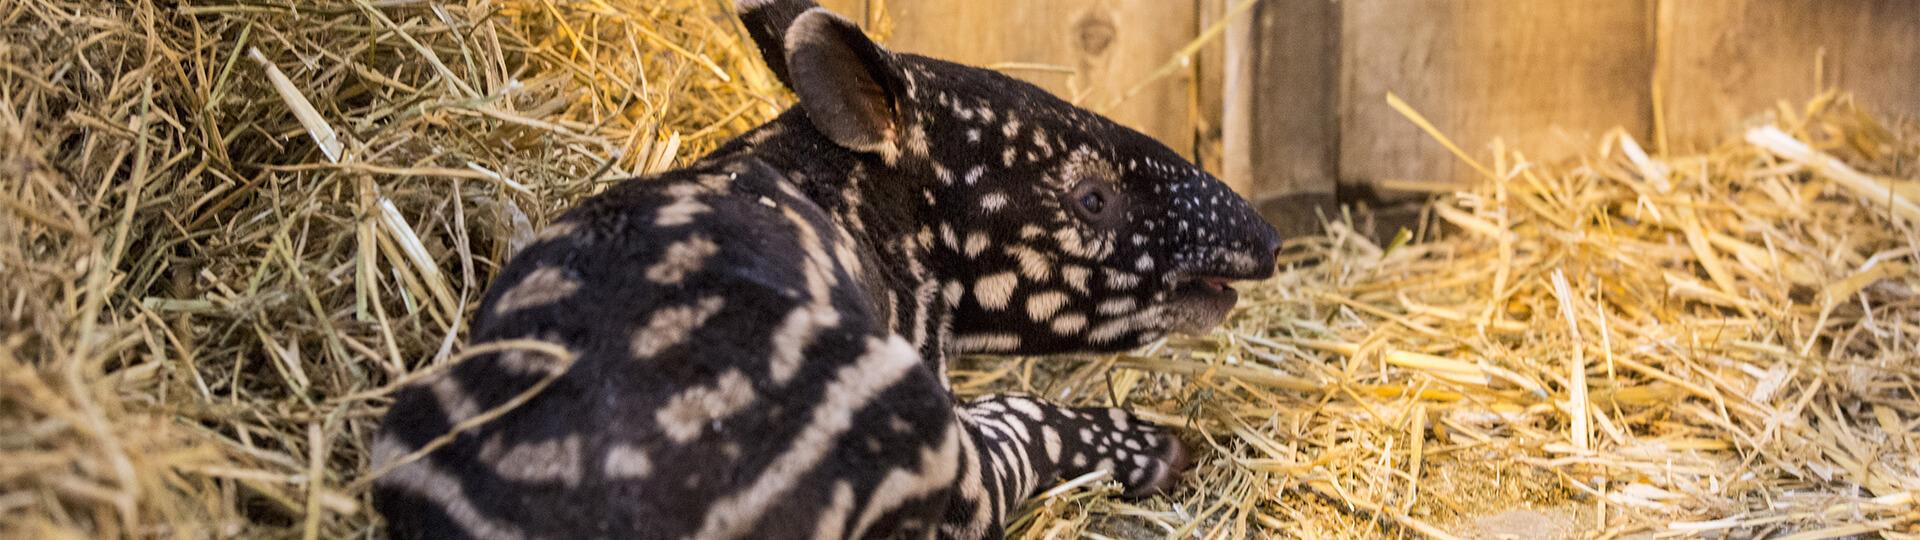 Bébé tapir malais